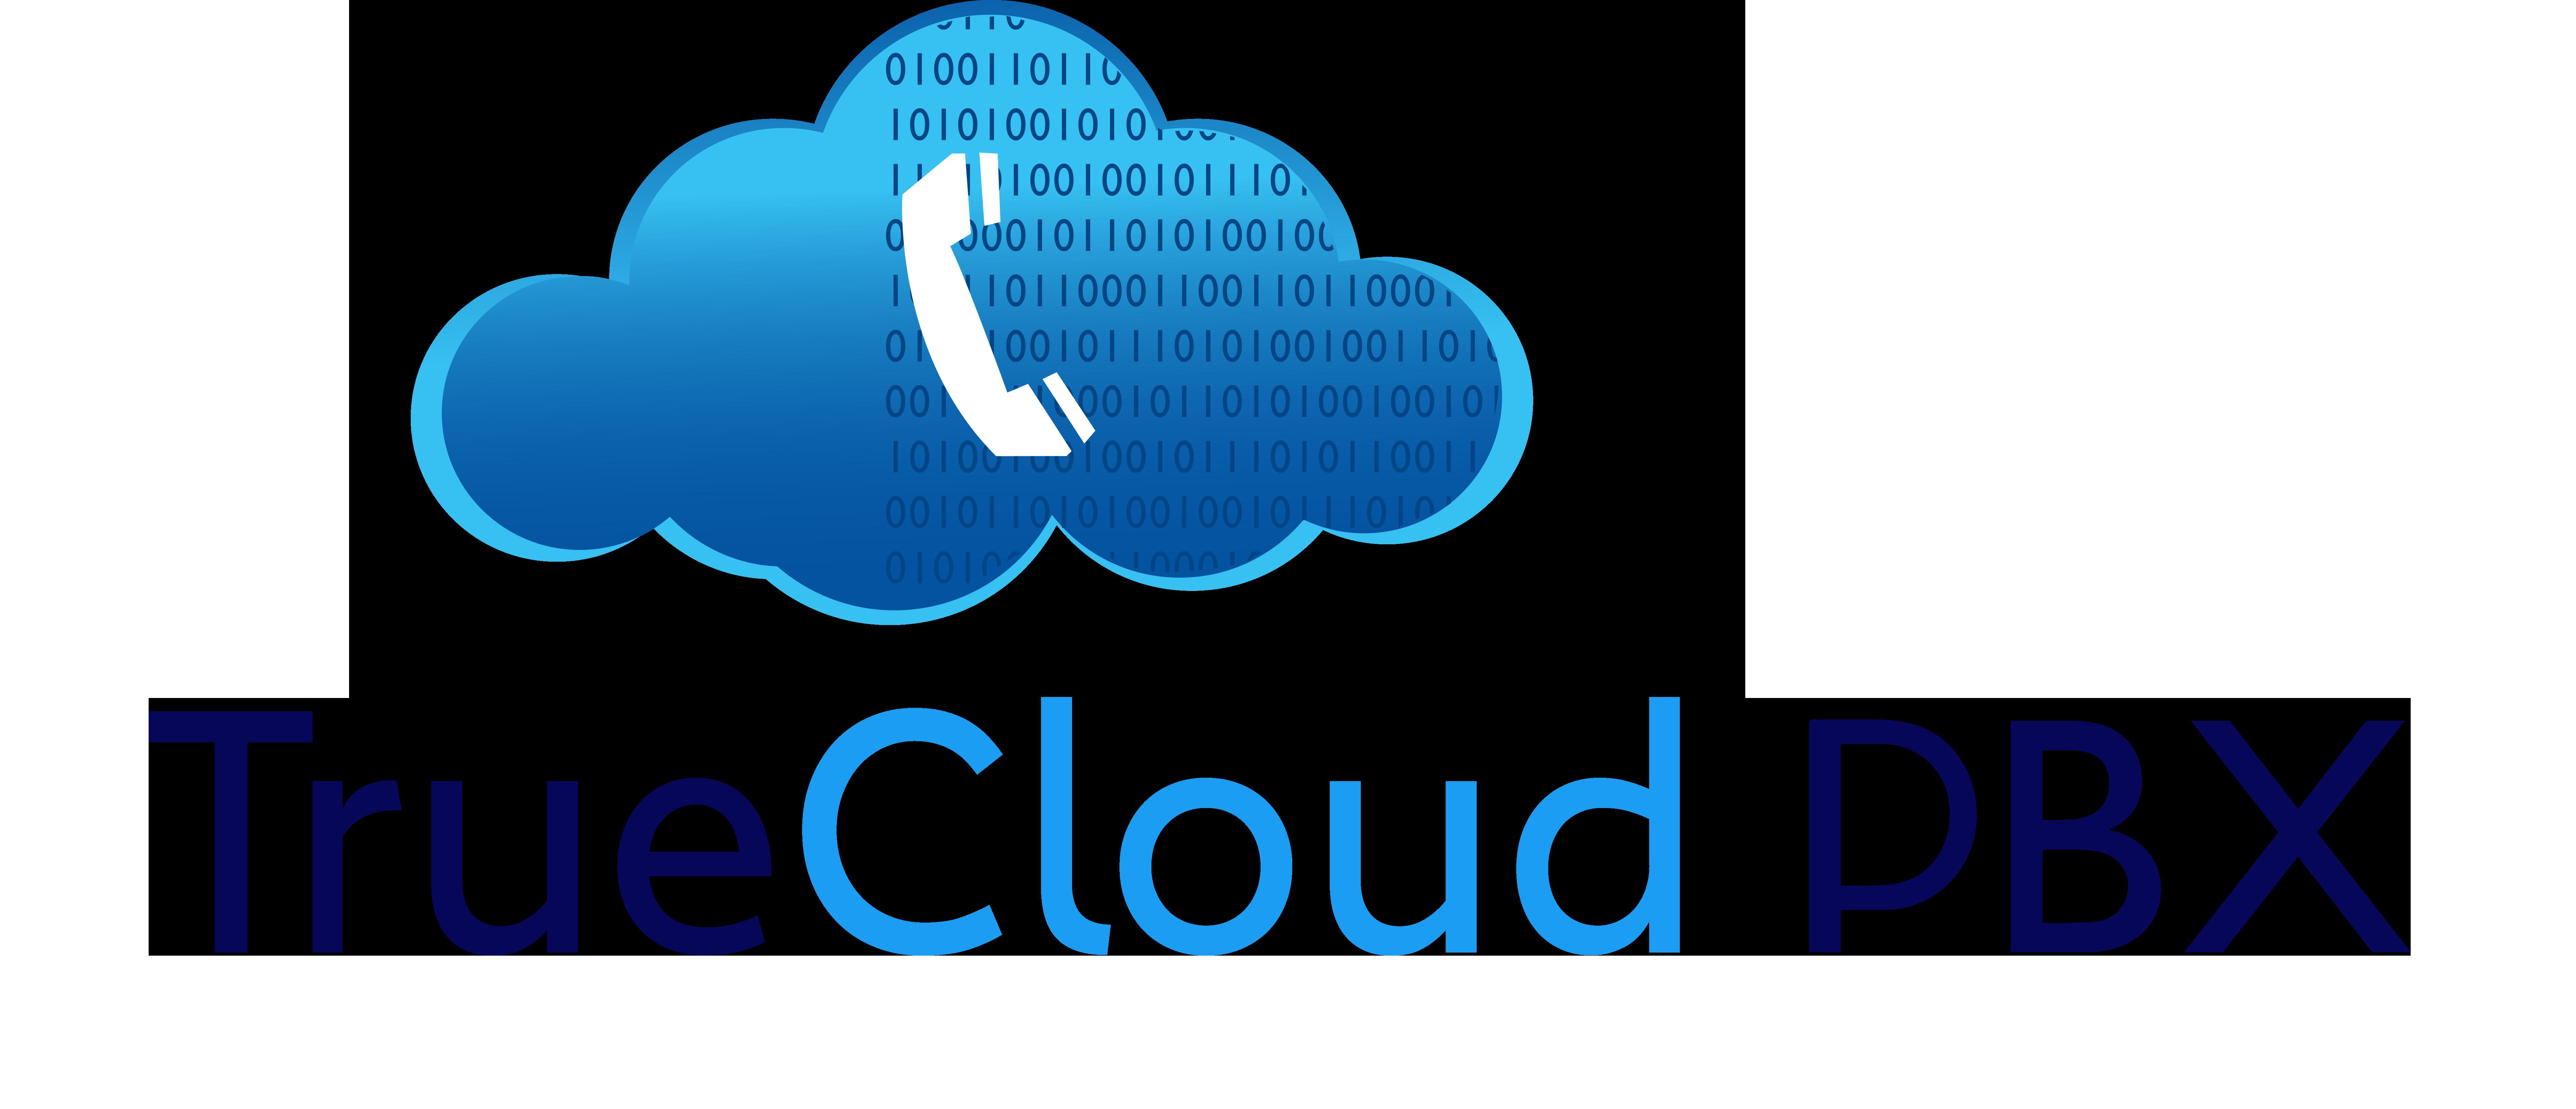 Our True Cloud-004